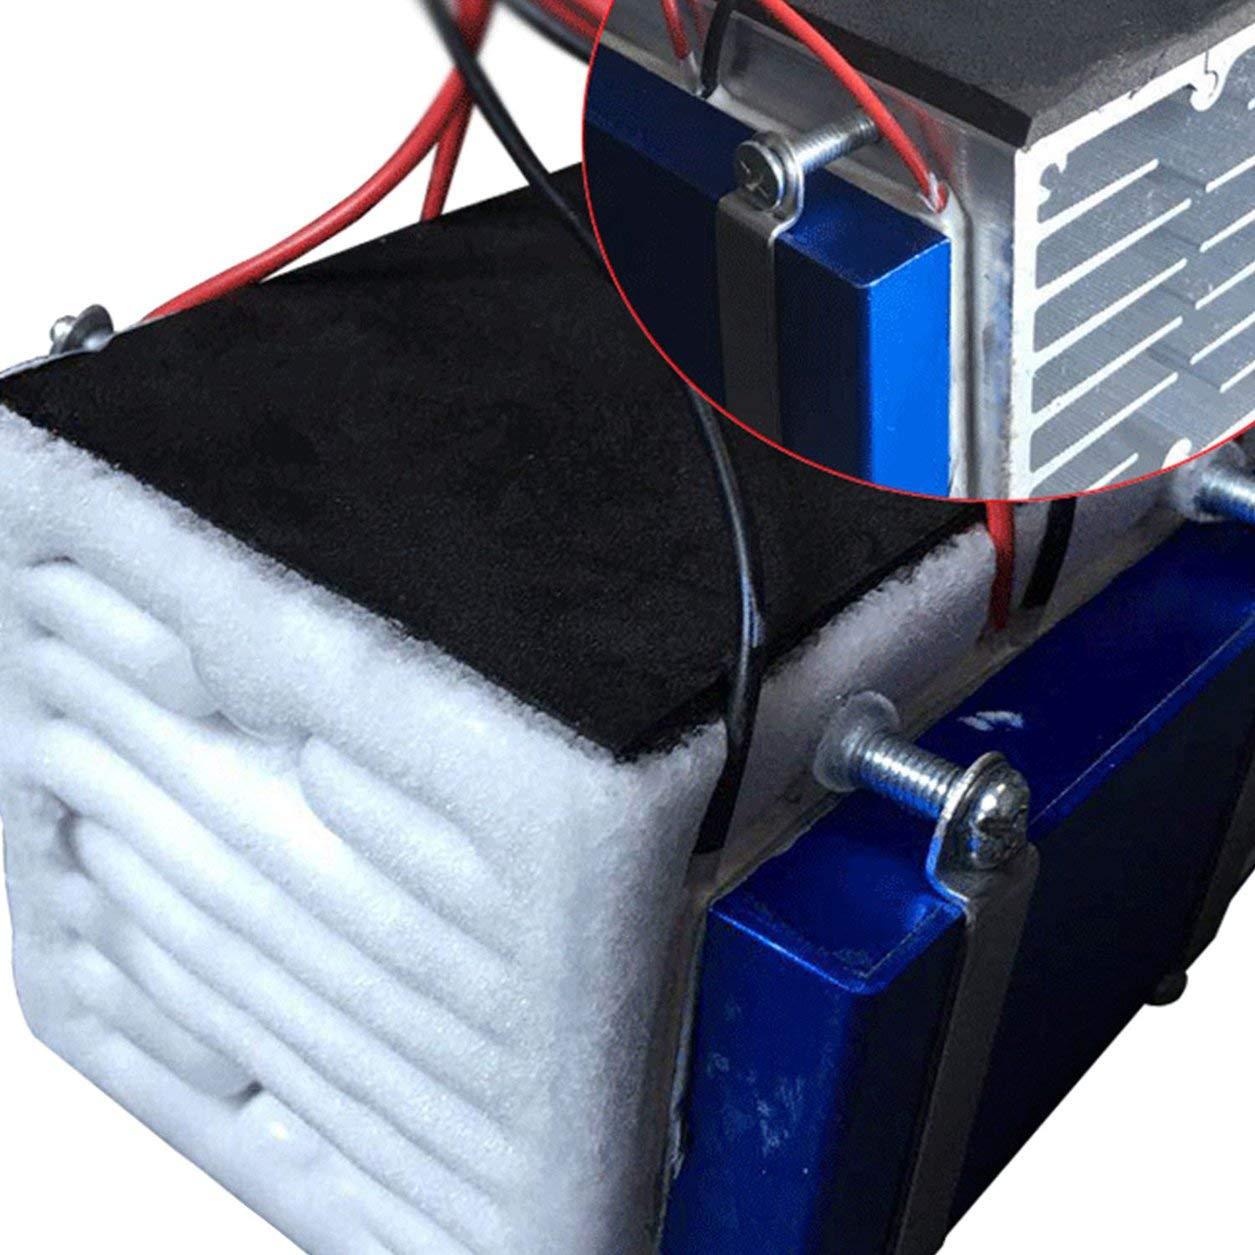 Peltier termoeléctricas Neveras 12V 576W 4-Chip Bricolaje ...